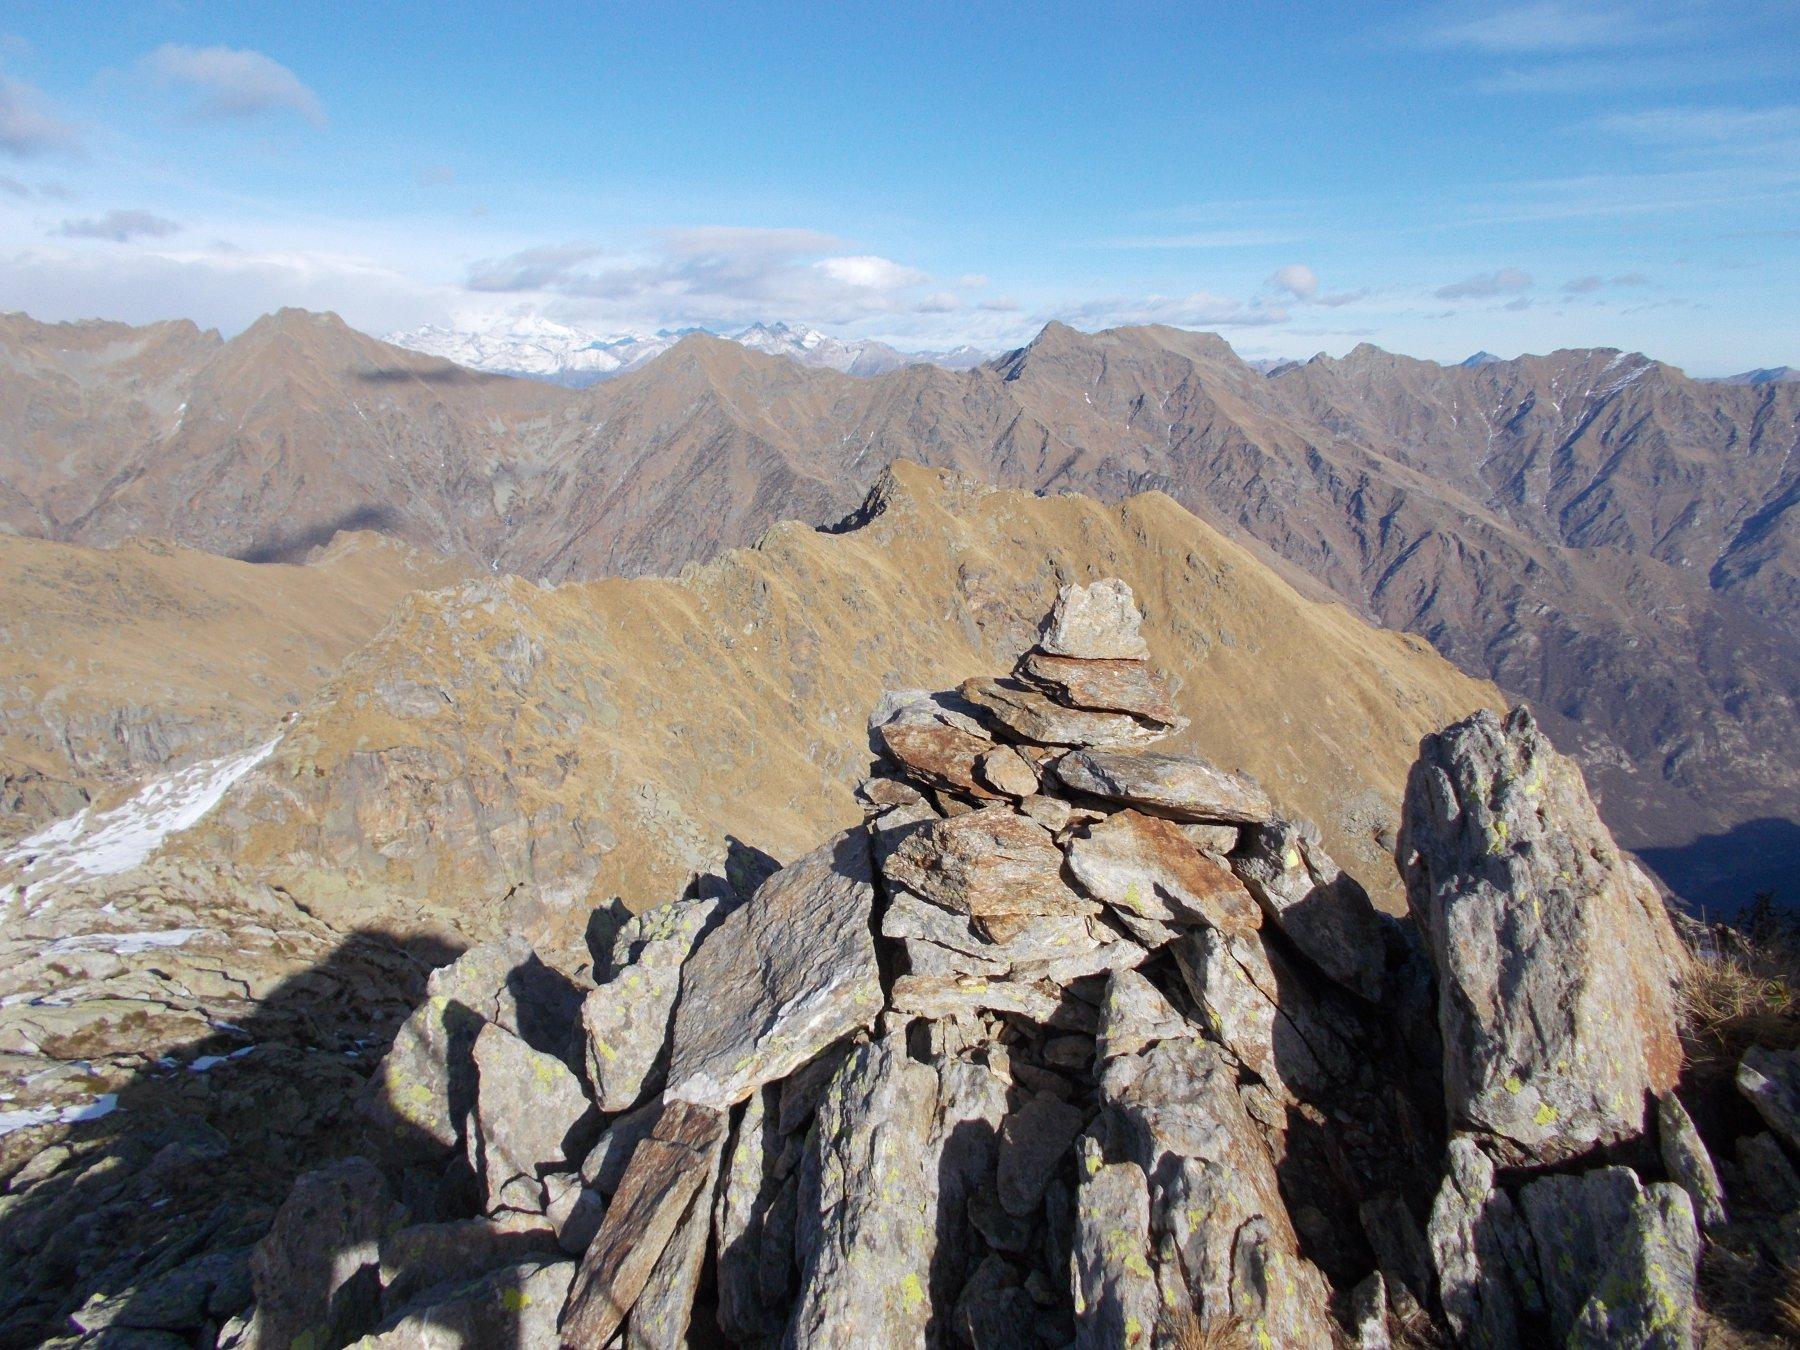 la P.di Mariasco alquanto lontana..qui vista dalla P.della Furce..